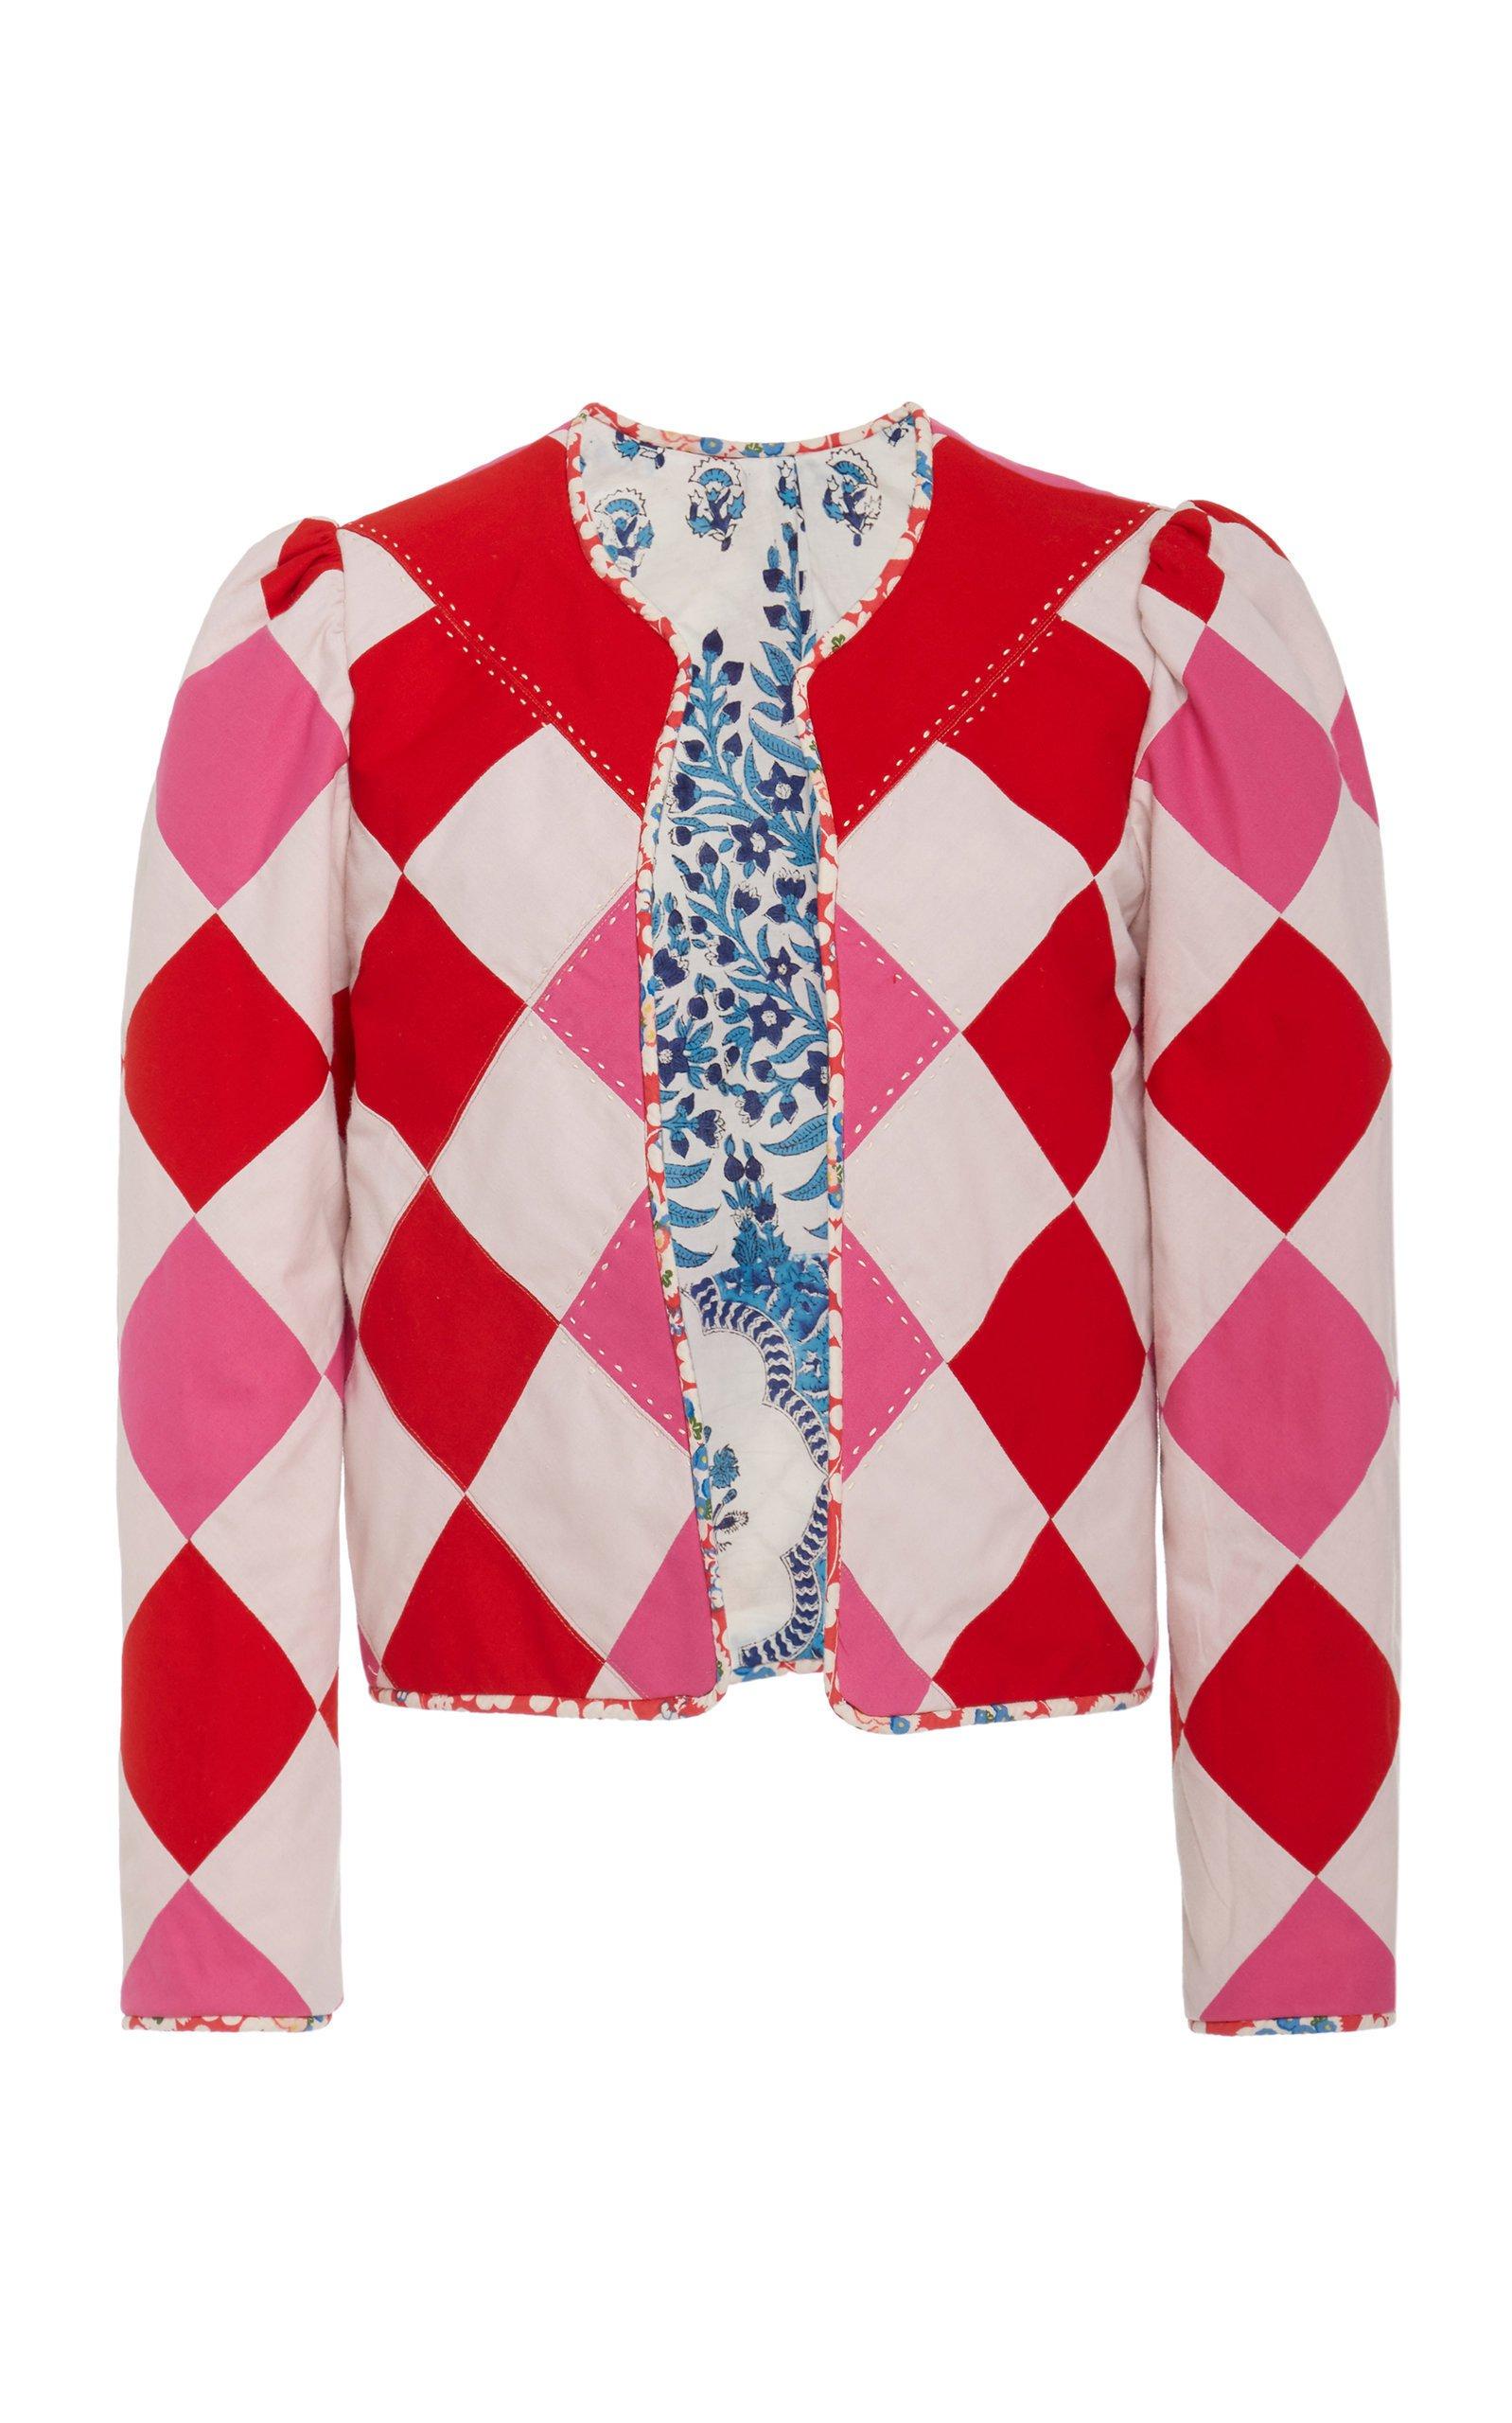 Alix of Bohemia Muse Argyle Cotton Jacket